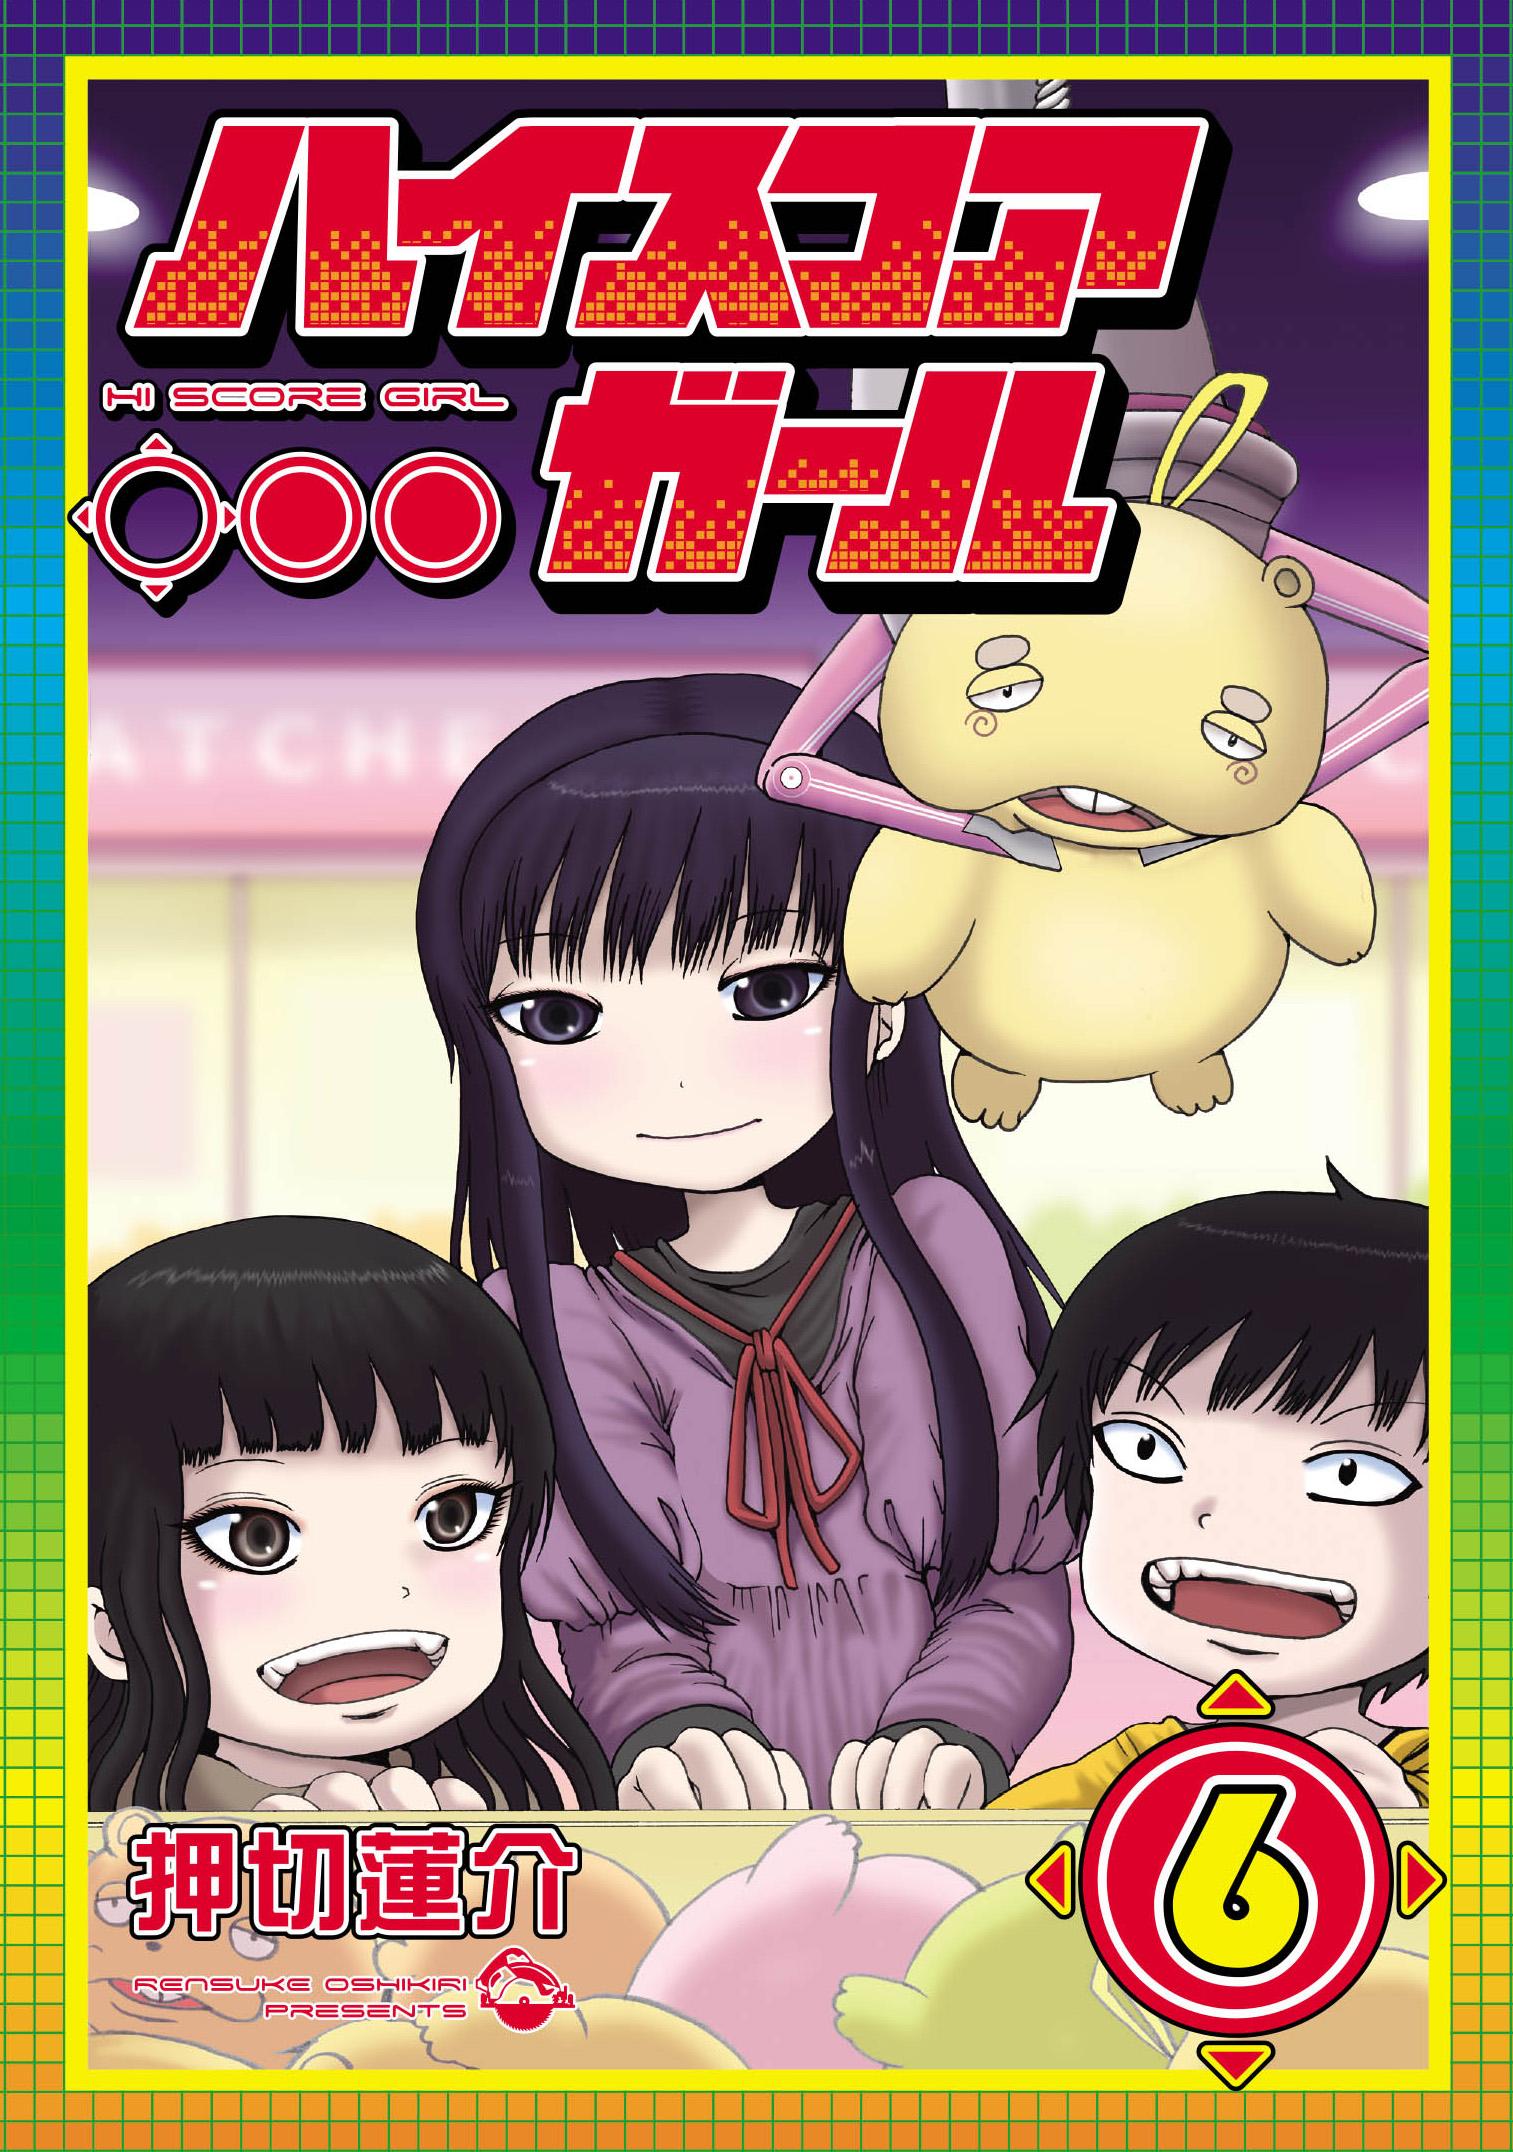 ハイスコアガール CONTINUE 6巻